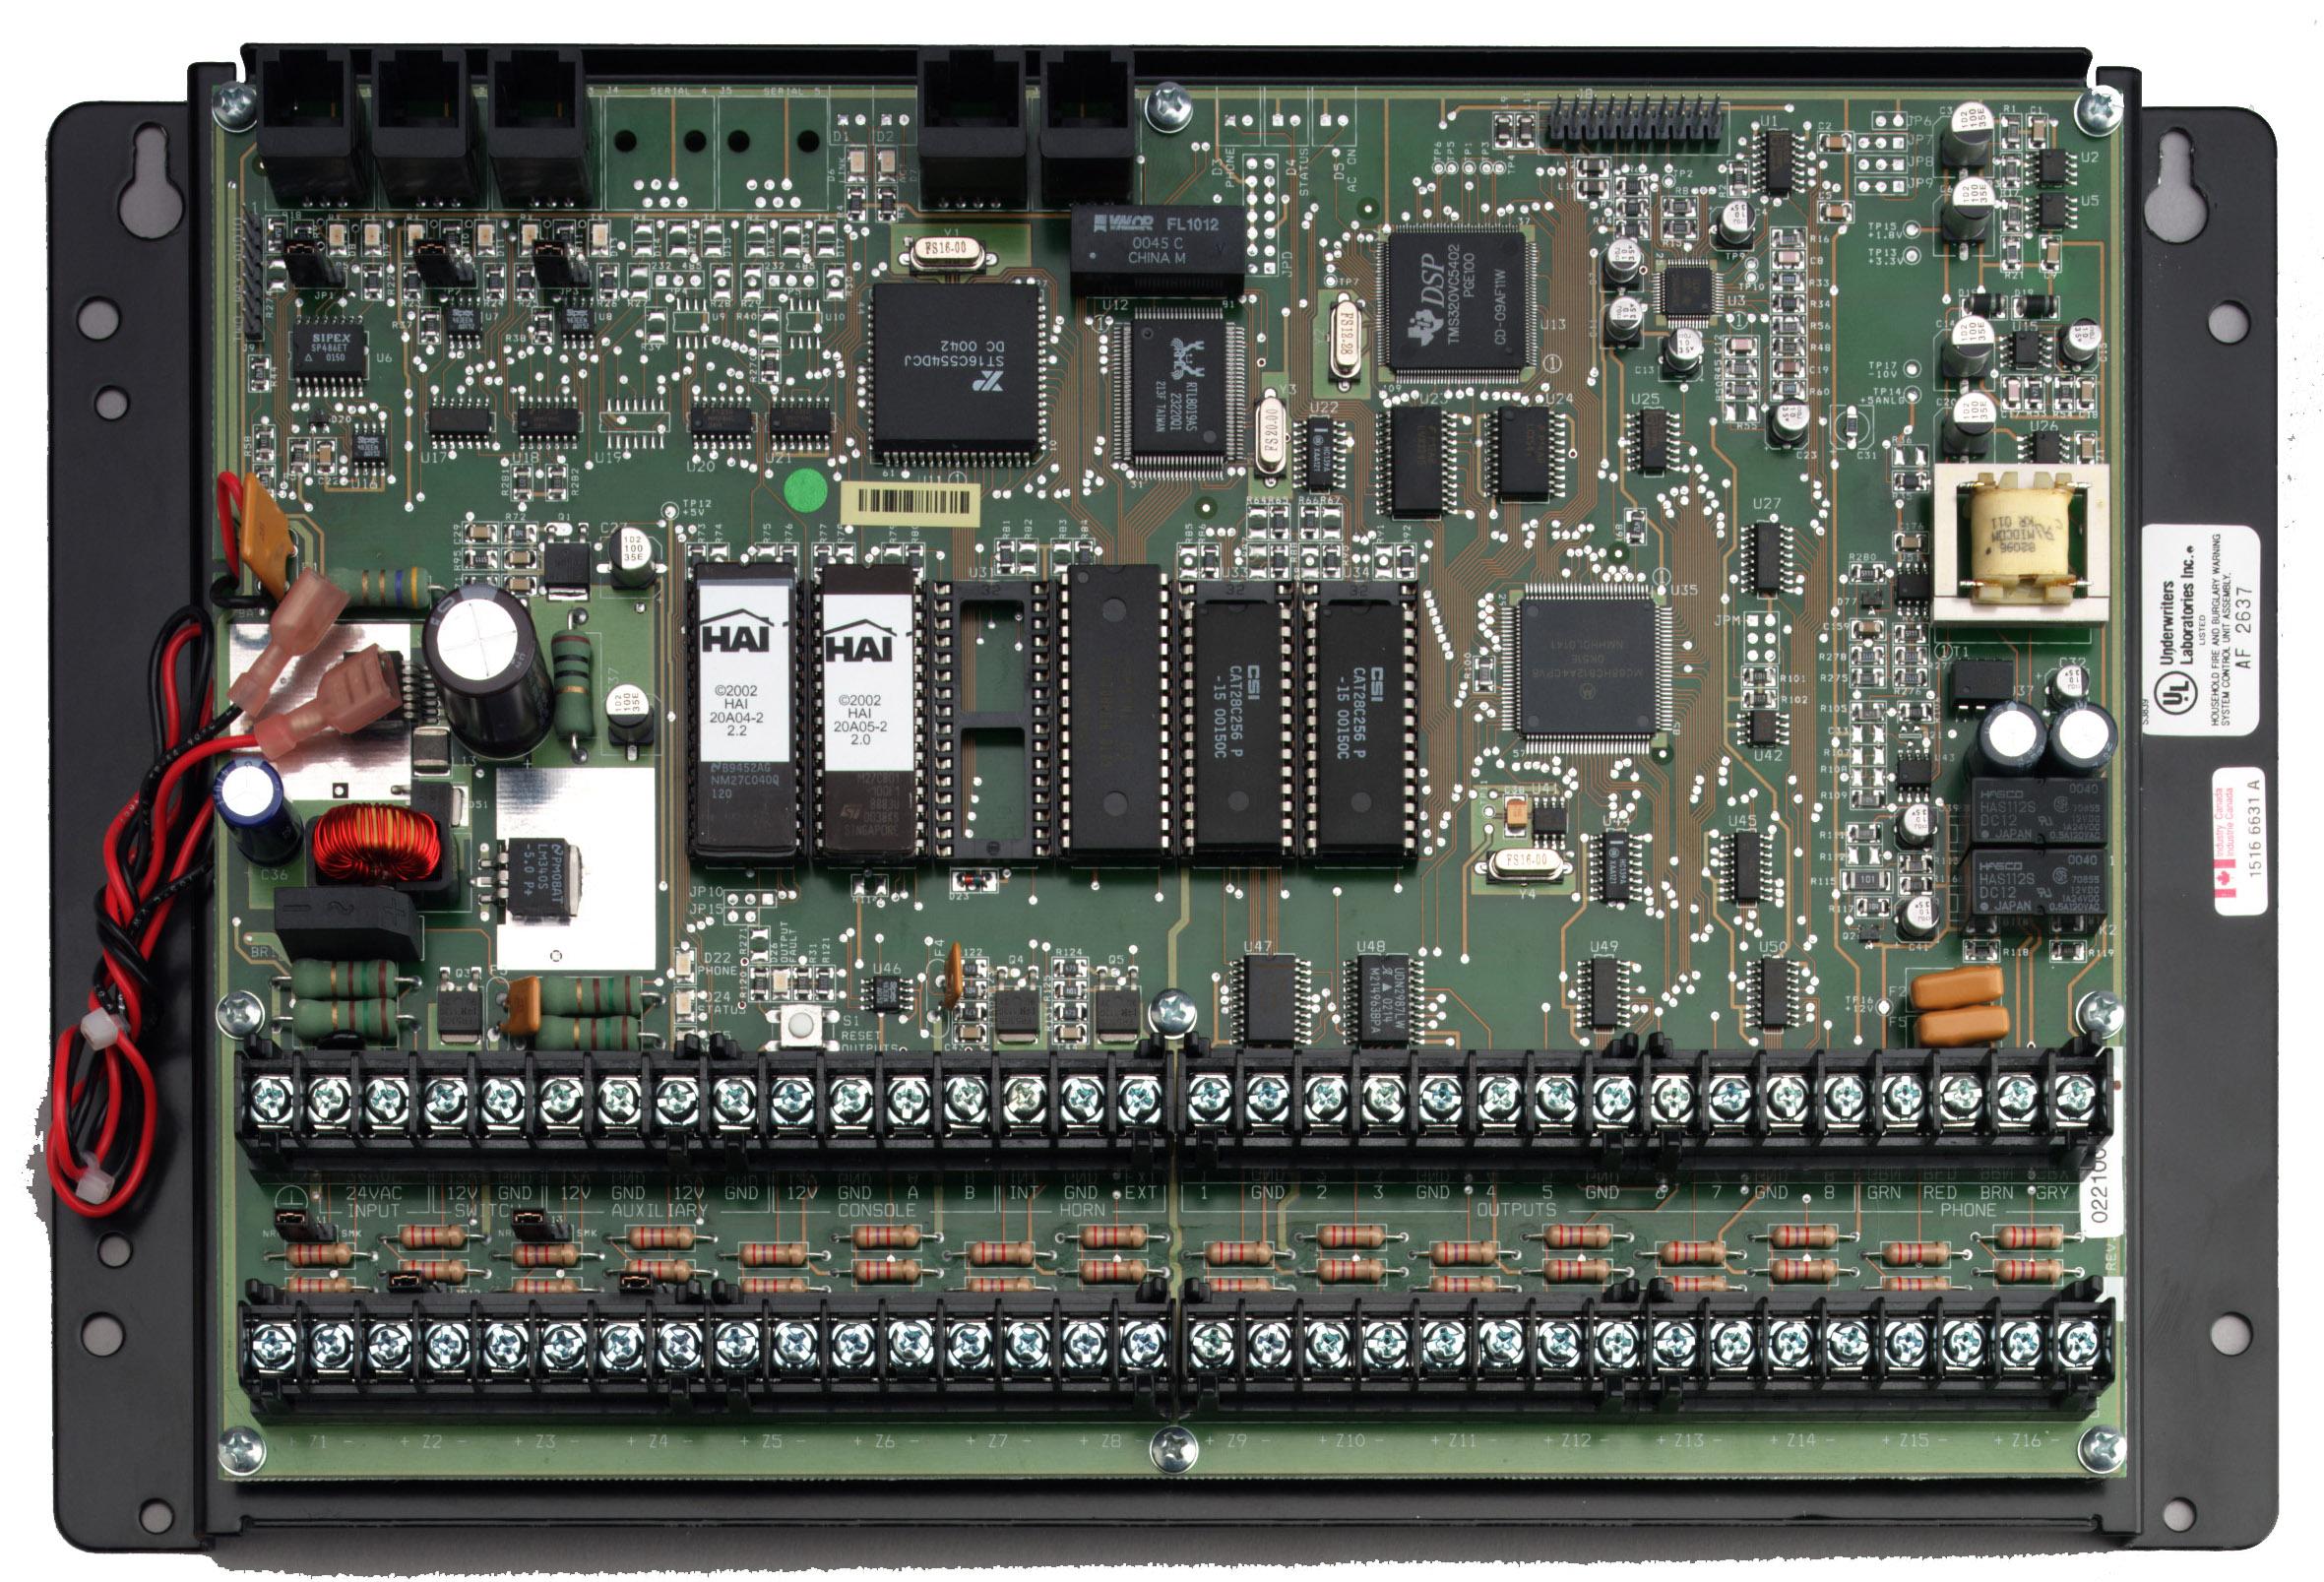 SIRKOM - 20A00-21 - Omni Pro II Controller (Board only)